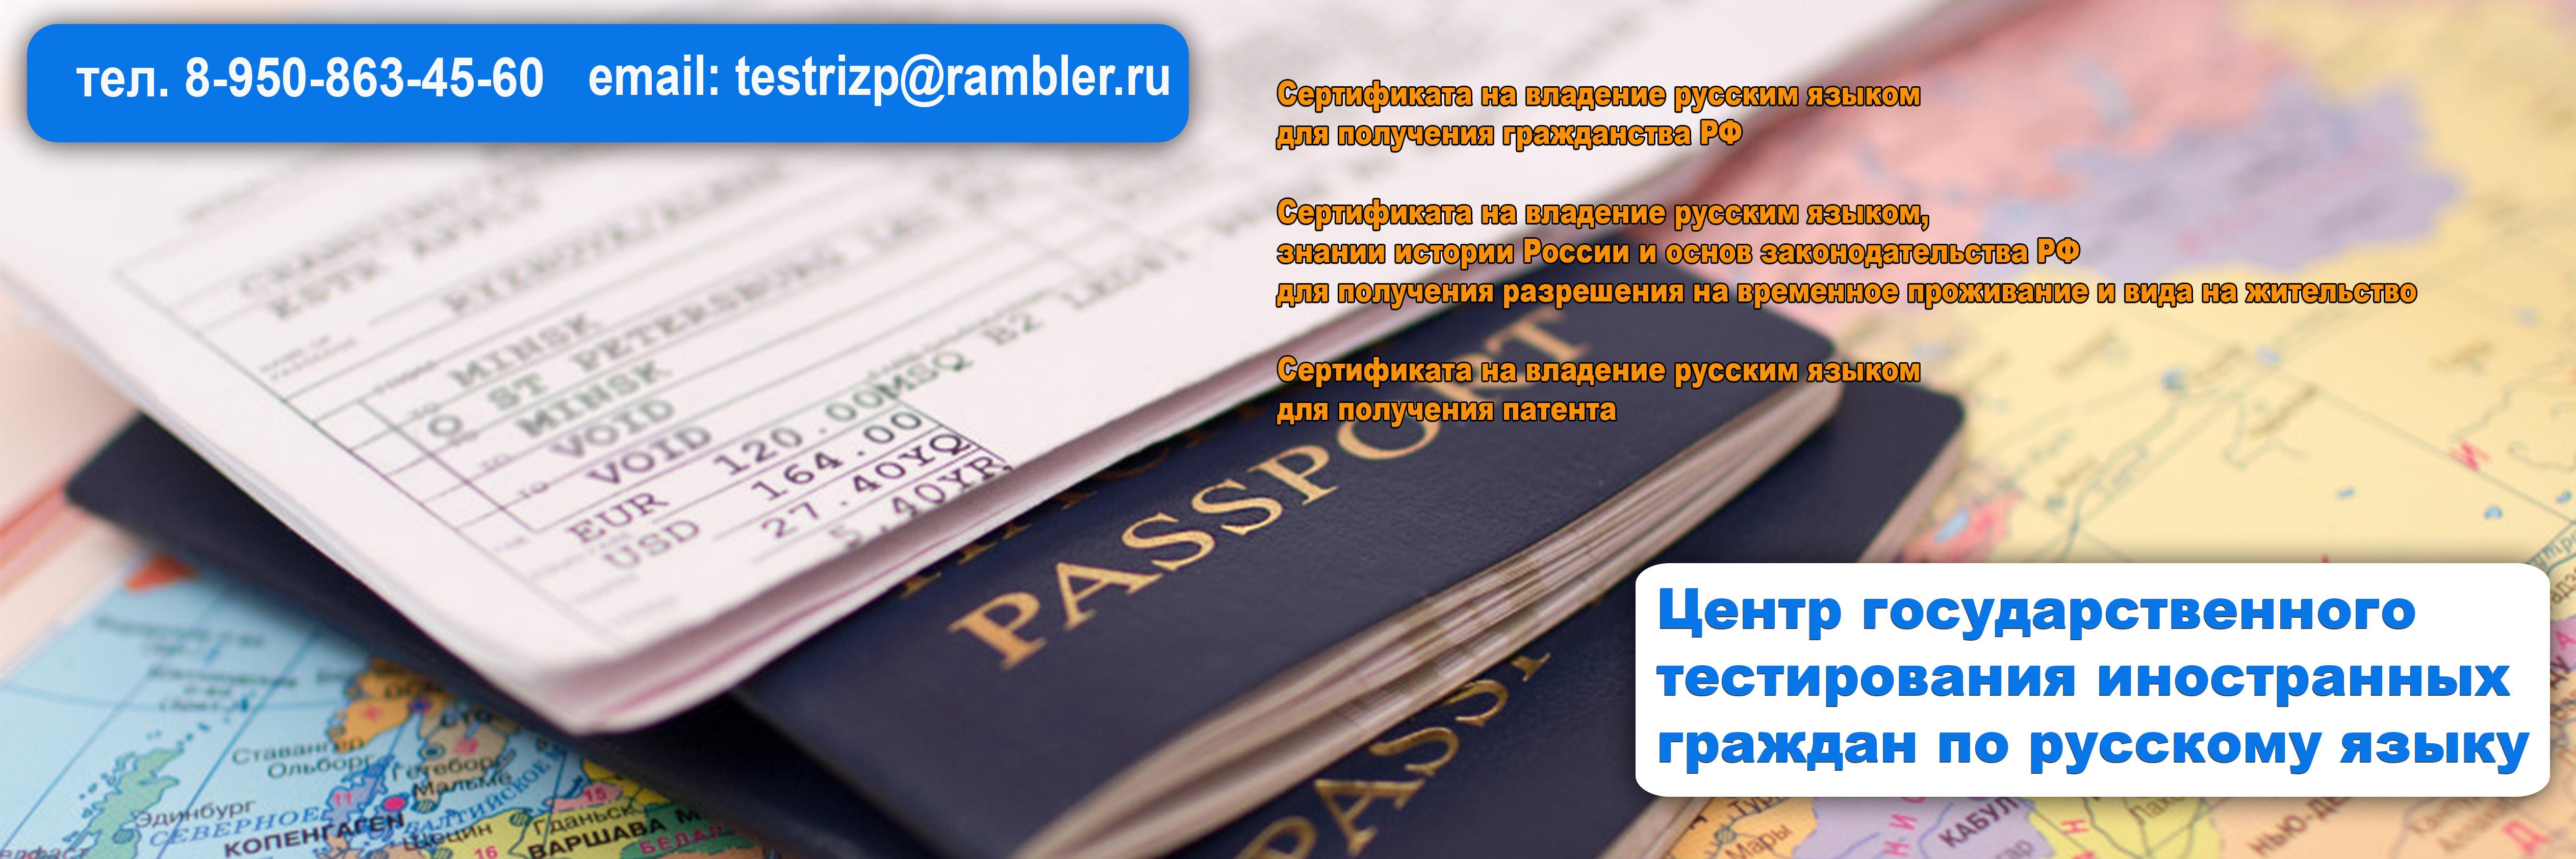 Центр государственного тестирования иностранных граждан по русскому языку